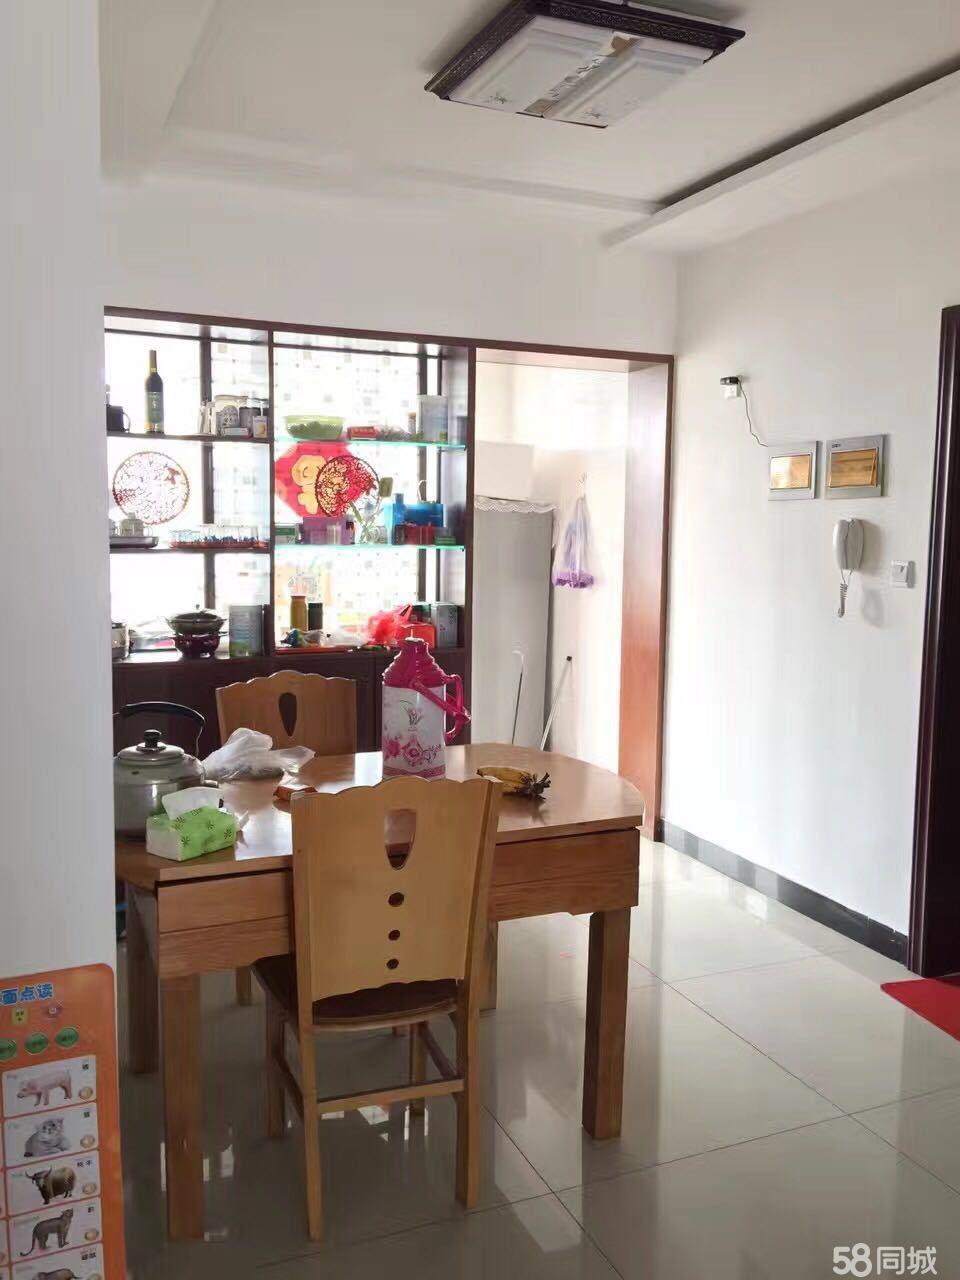 学区房安宁丽景3室2厅交通方便好停车精装修送阁楼空间大